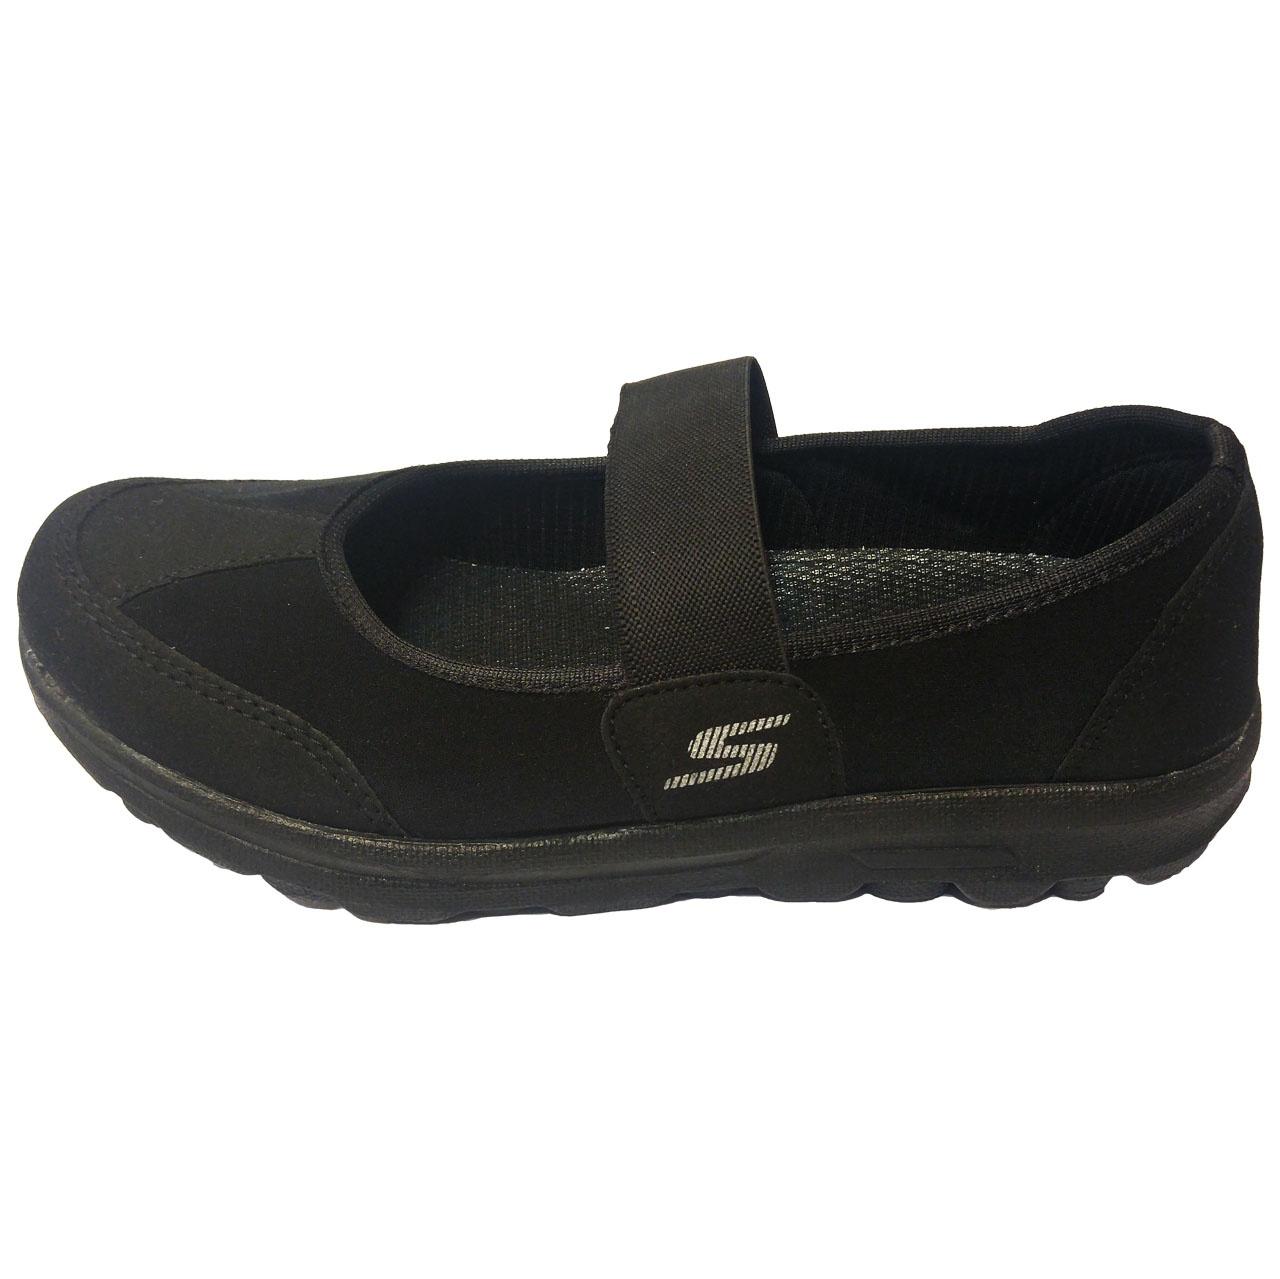 کفش مخصوص پیاده روی زنانه مدل رهرو کد 001